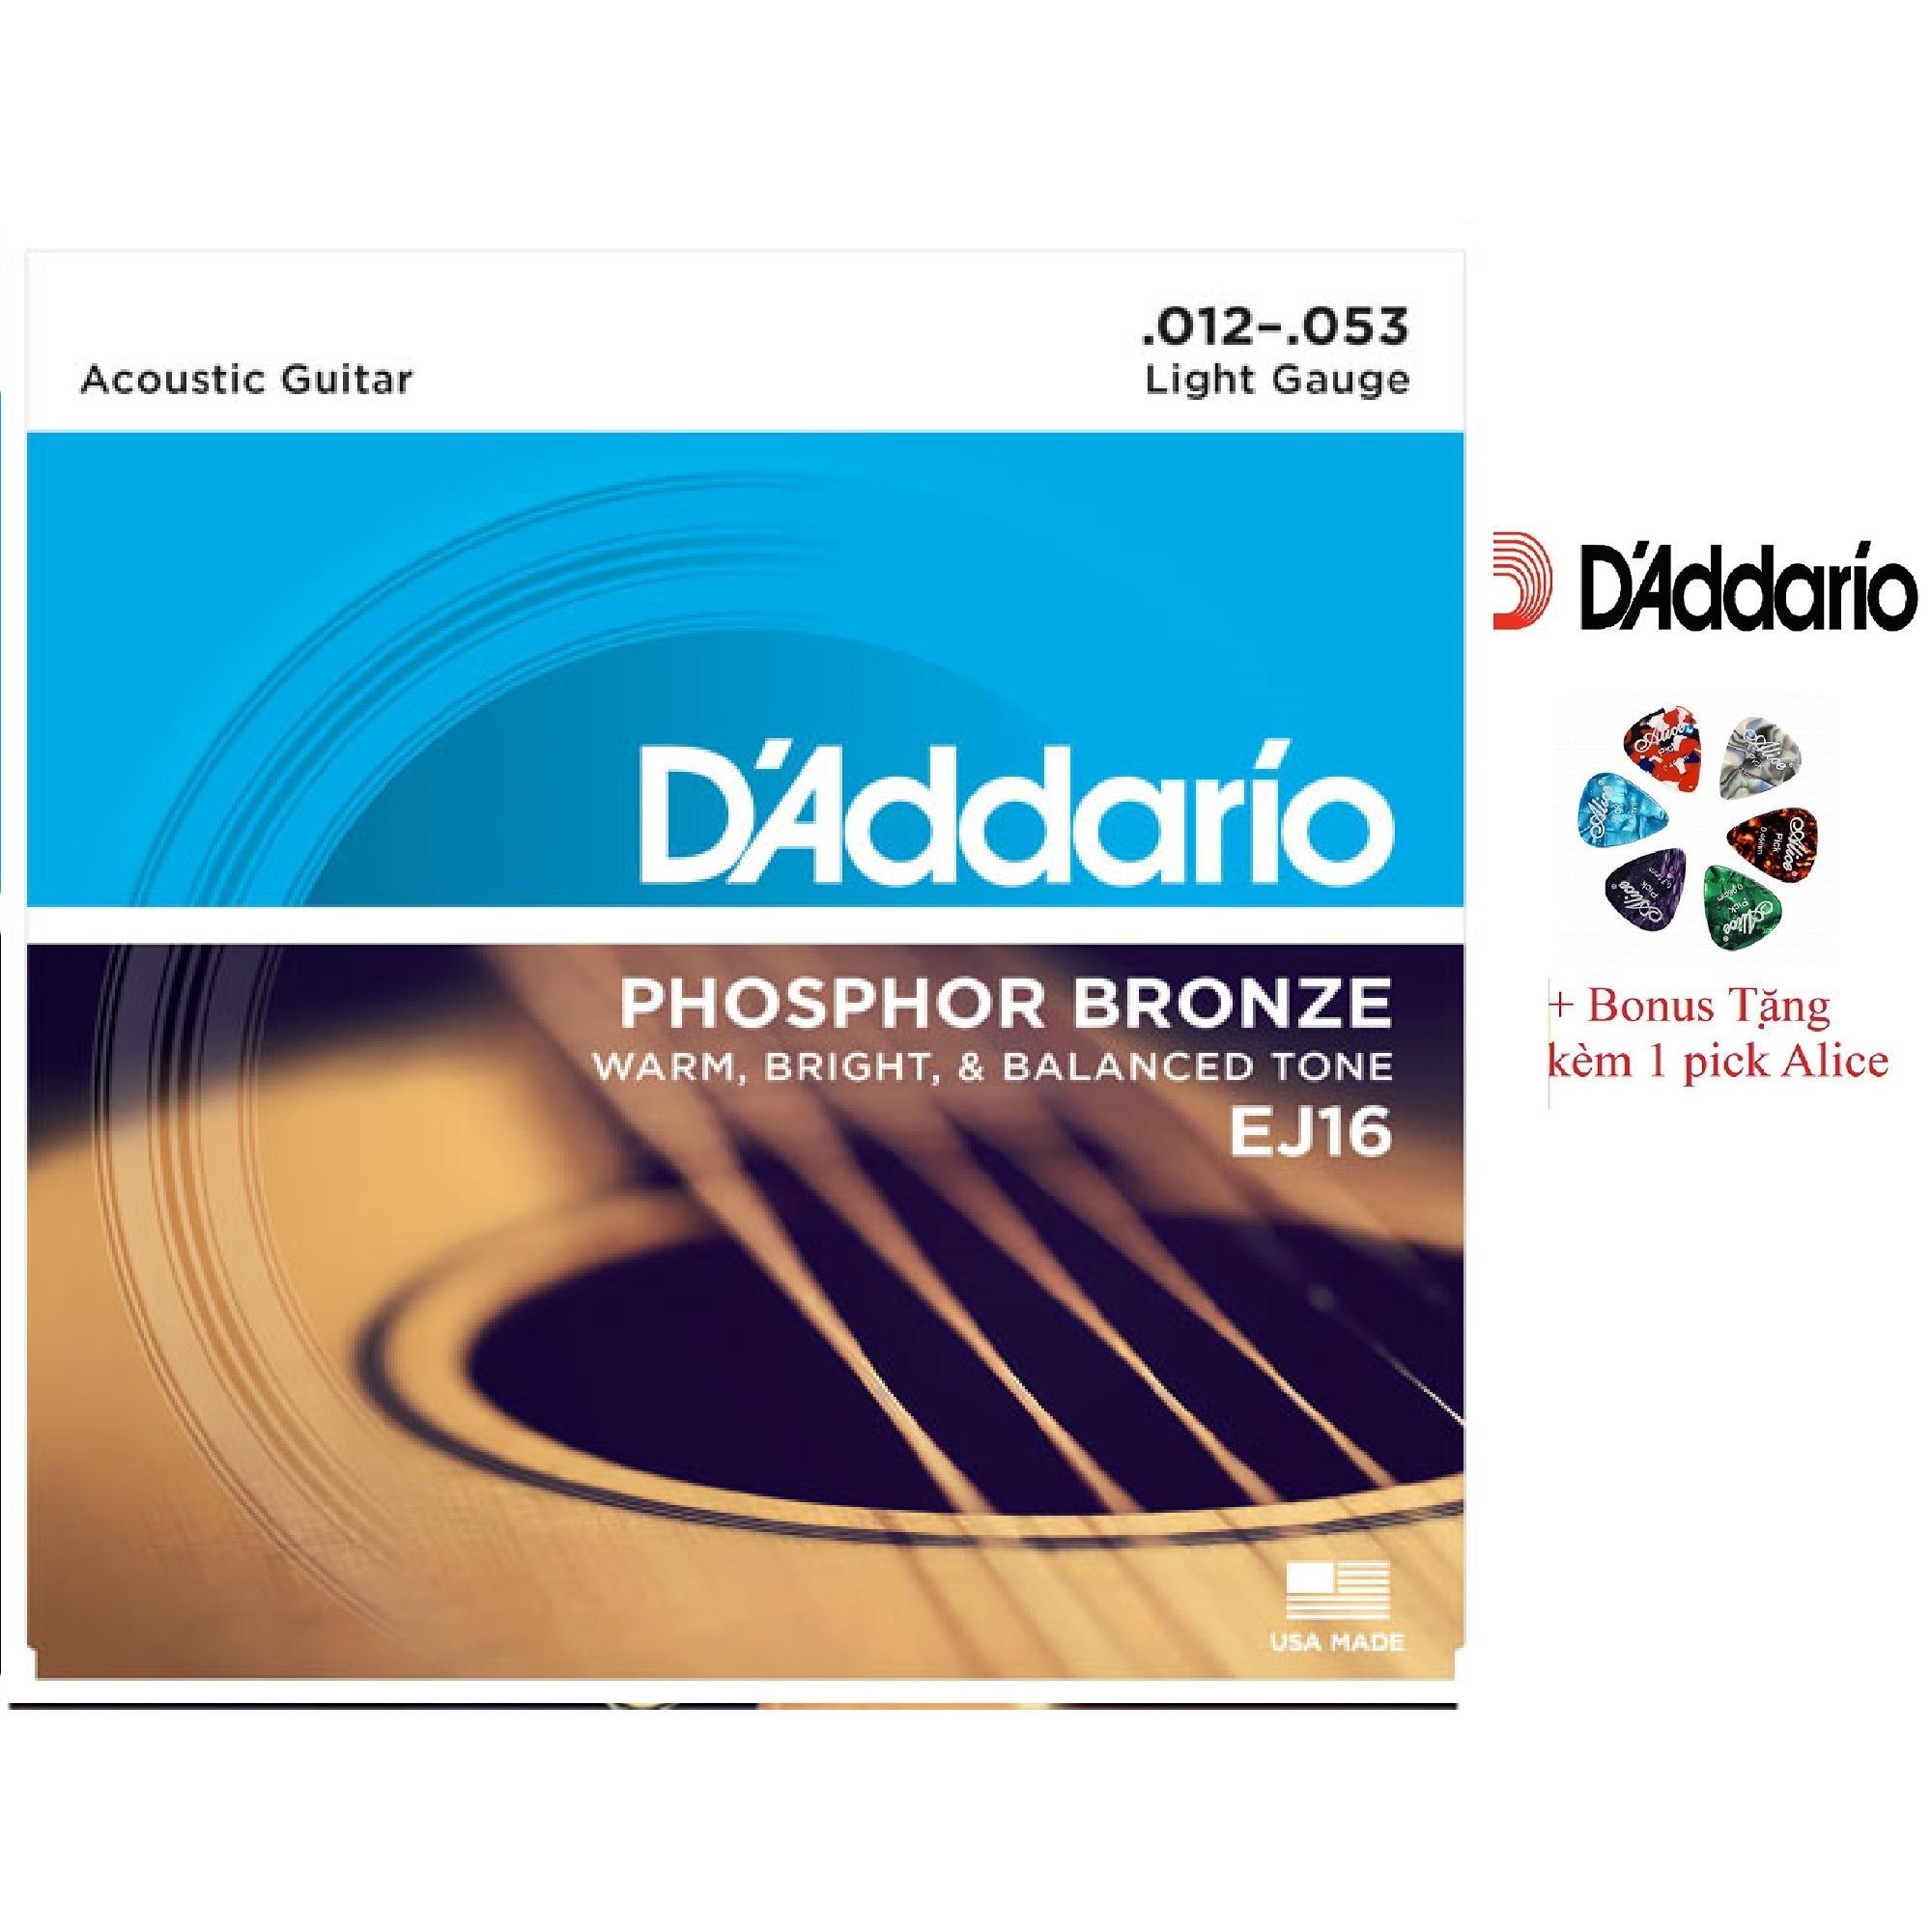 Giá Bán Bộ Hộp 6 Day Đan Guitar Acoustic D Addario Ej16 Cao Cấp Pick Alice Cỡ 12 D Addadrio Nguyên